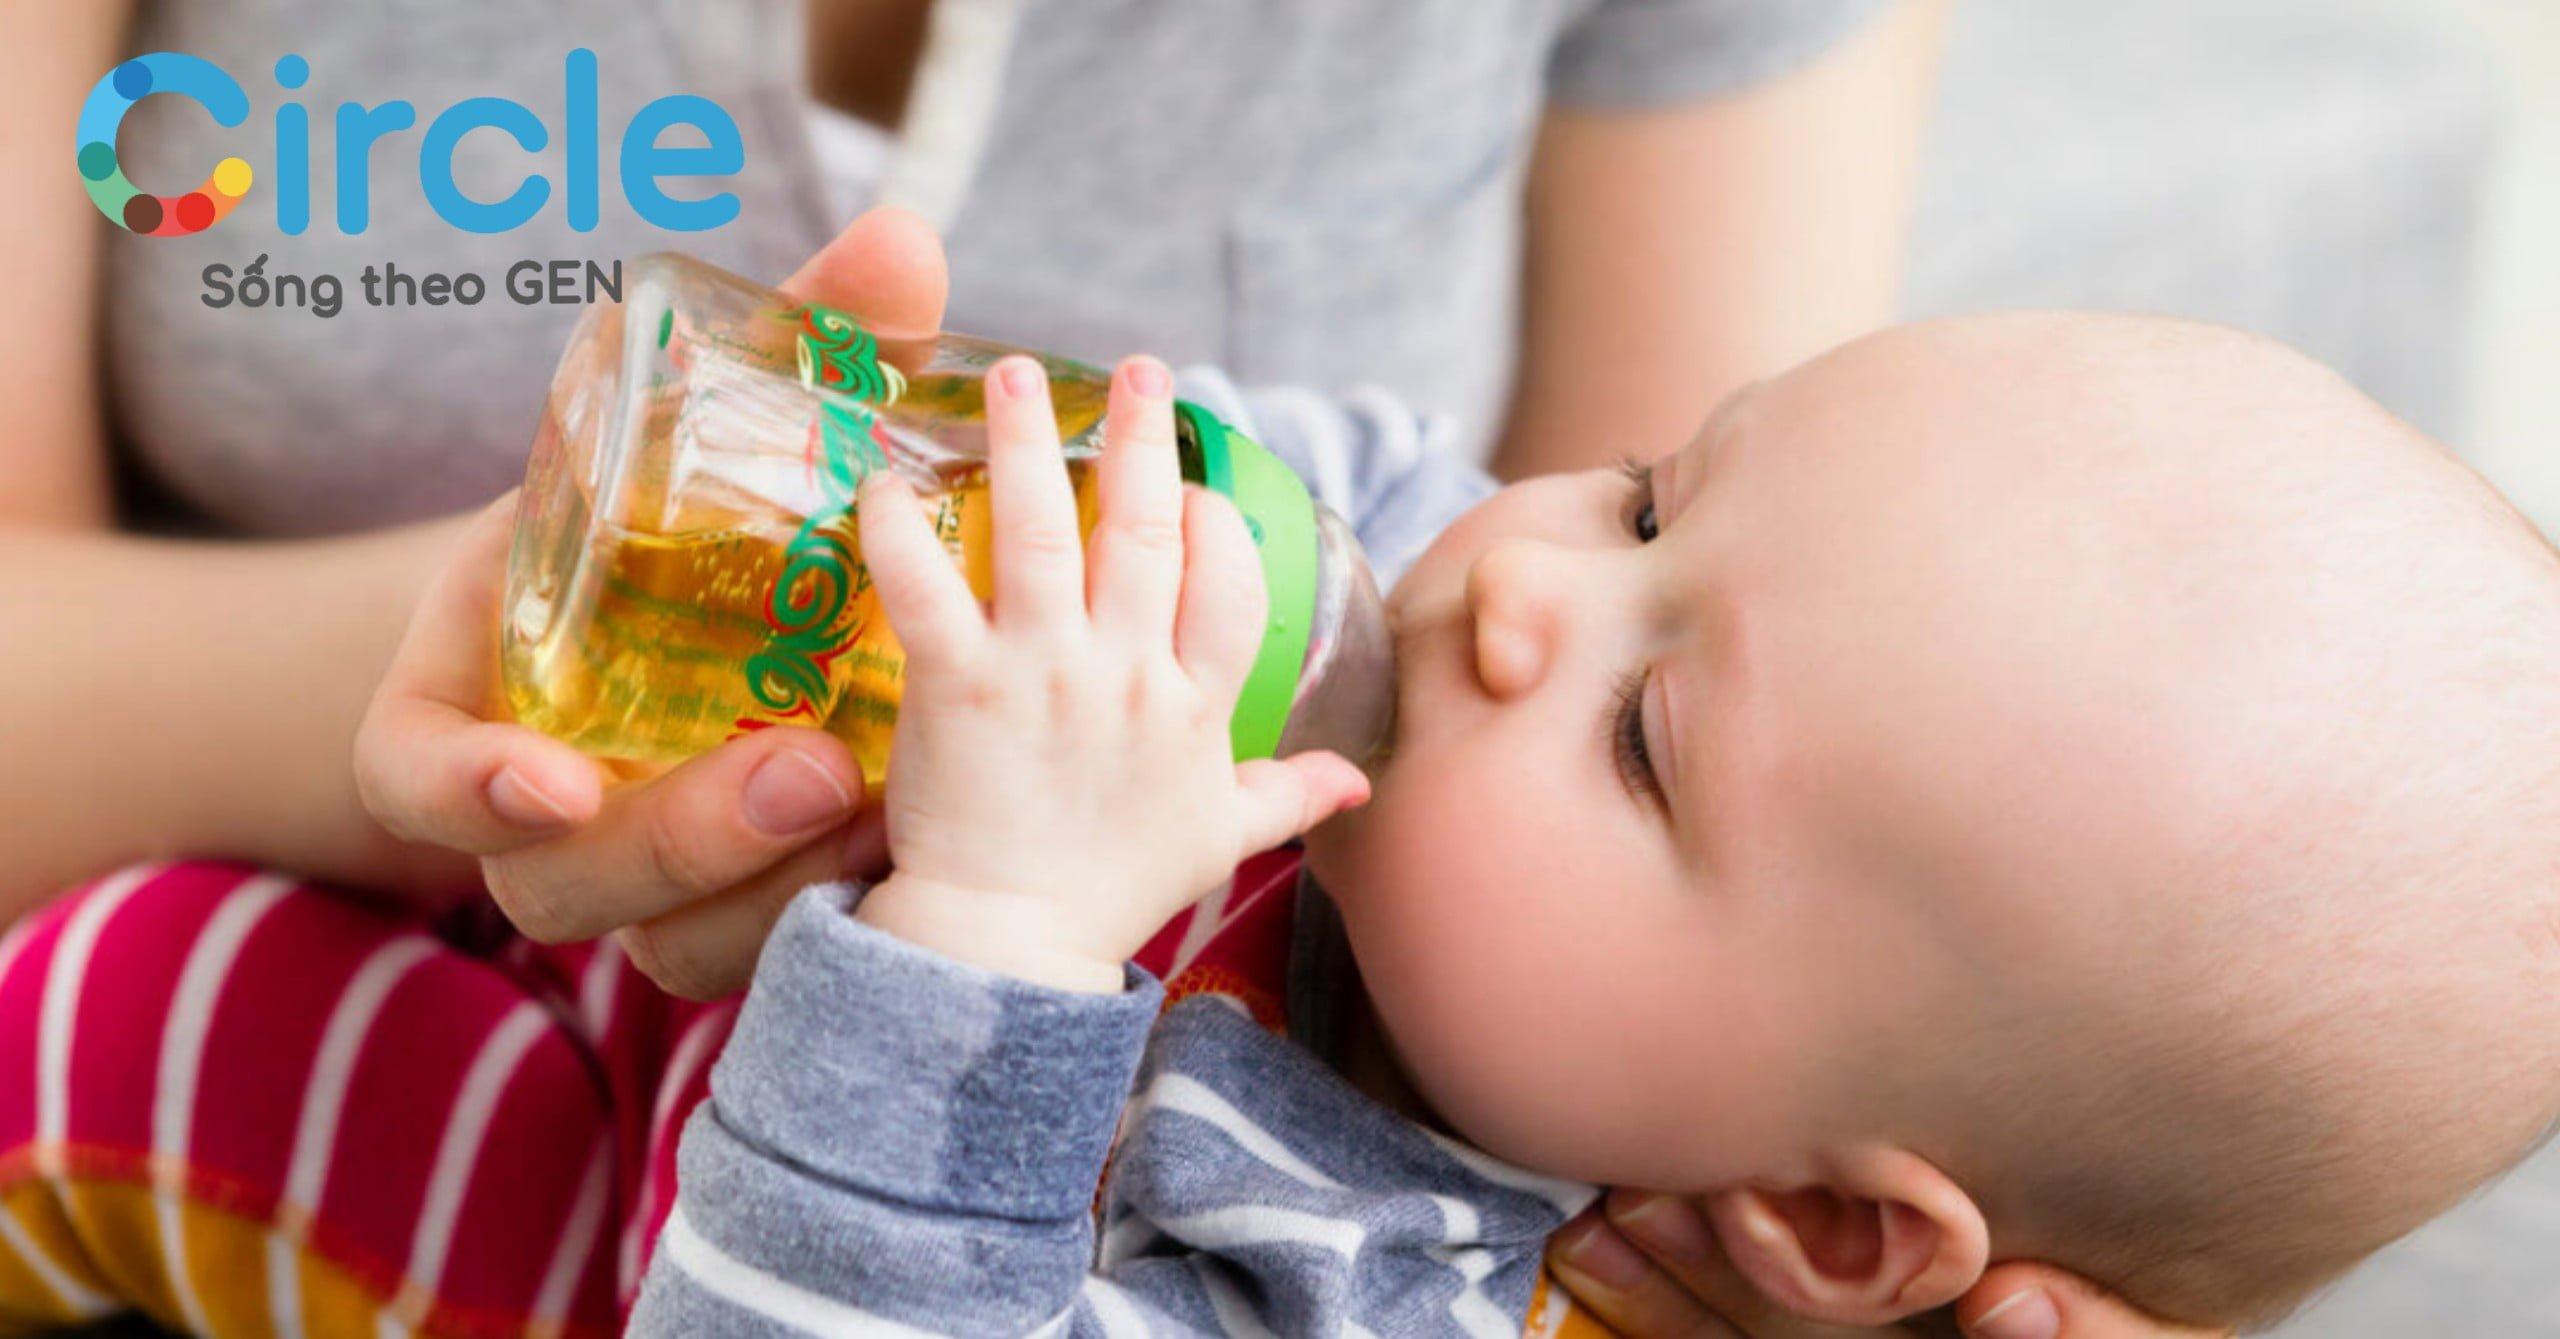 Nước ép trái cây pha theo tỷ lệ 1 nước trái cây nguyên chất : 10 nước lọc sẽ cung cấp nhiều vitamin và khoáng chất, giúp tăng cường sức đề kháng cho bé.